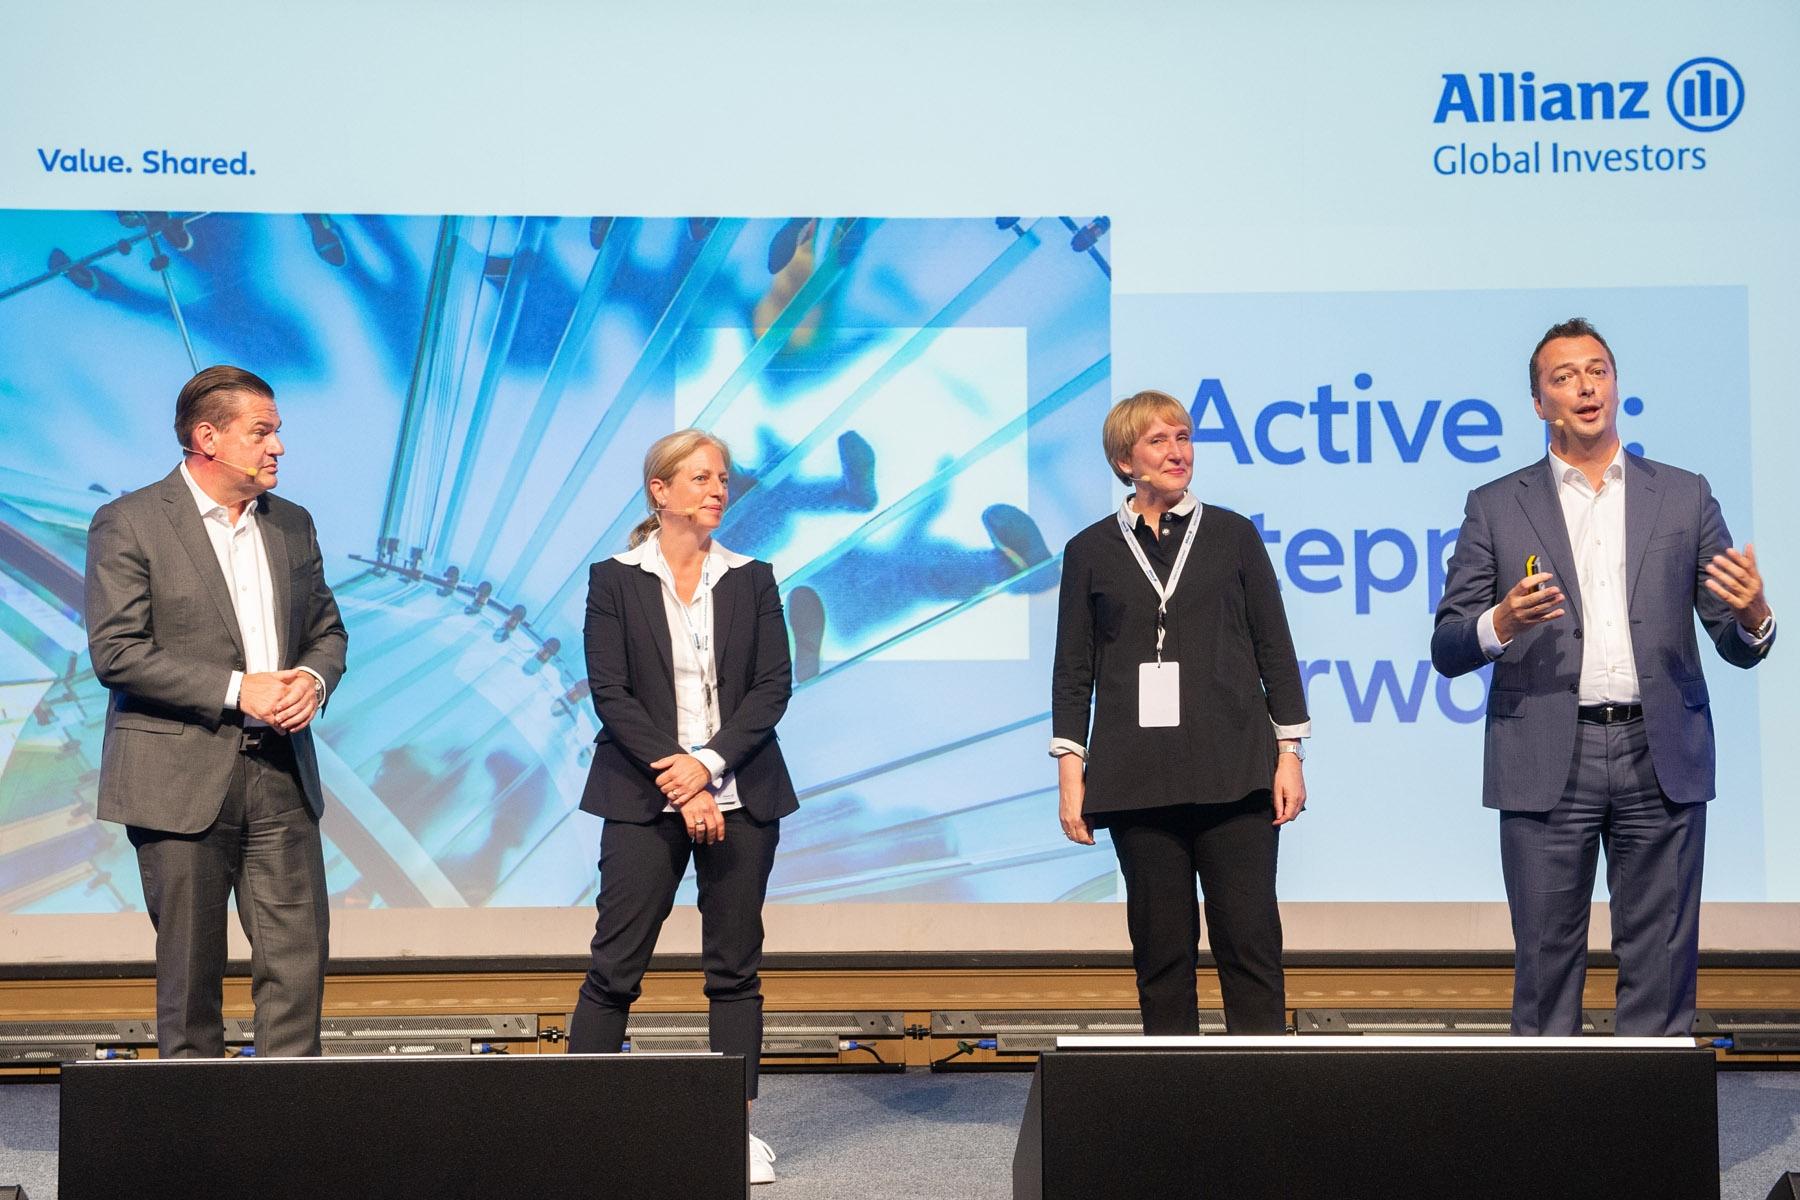 Bewertungen für Allianz Global Investors | Glassdoor.de